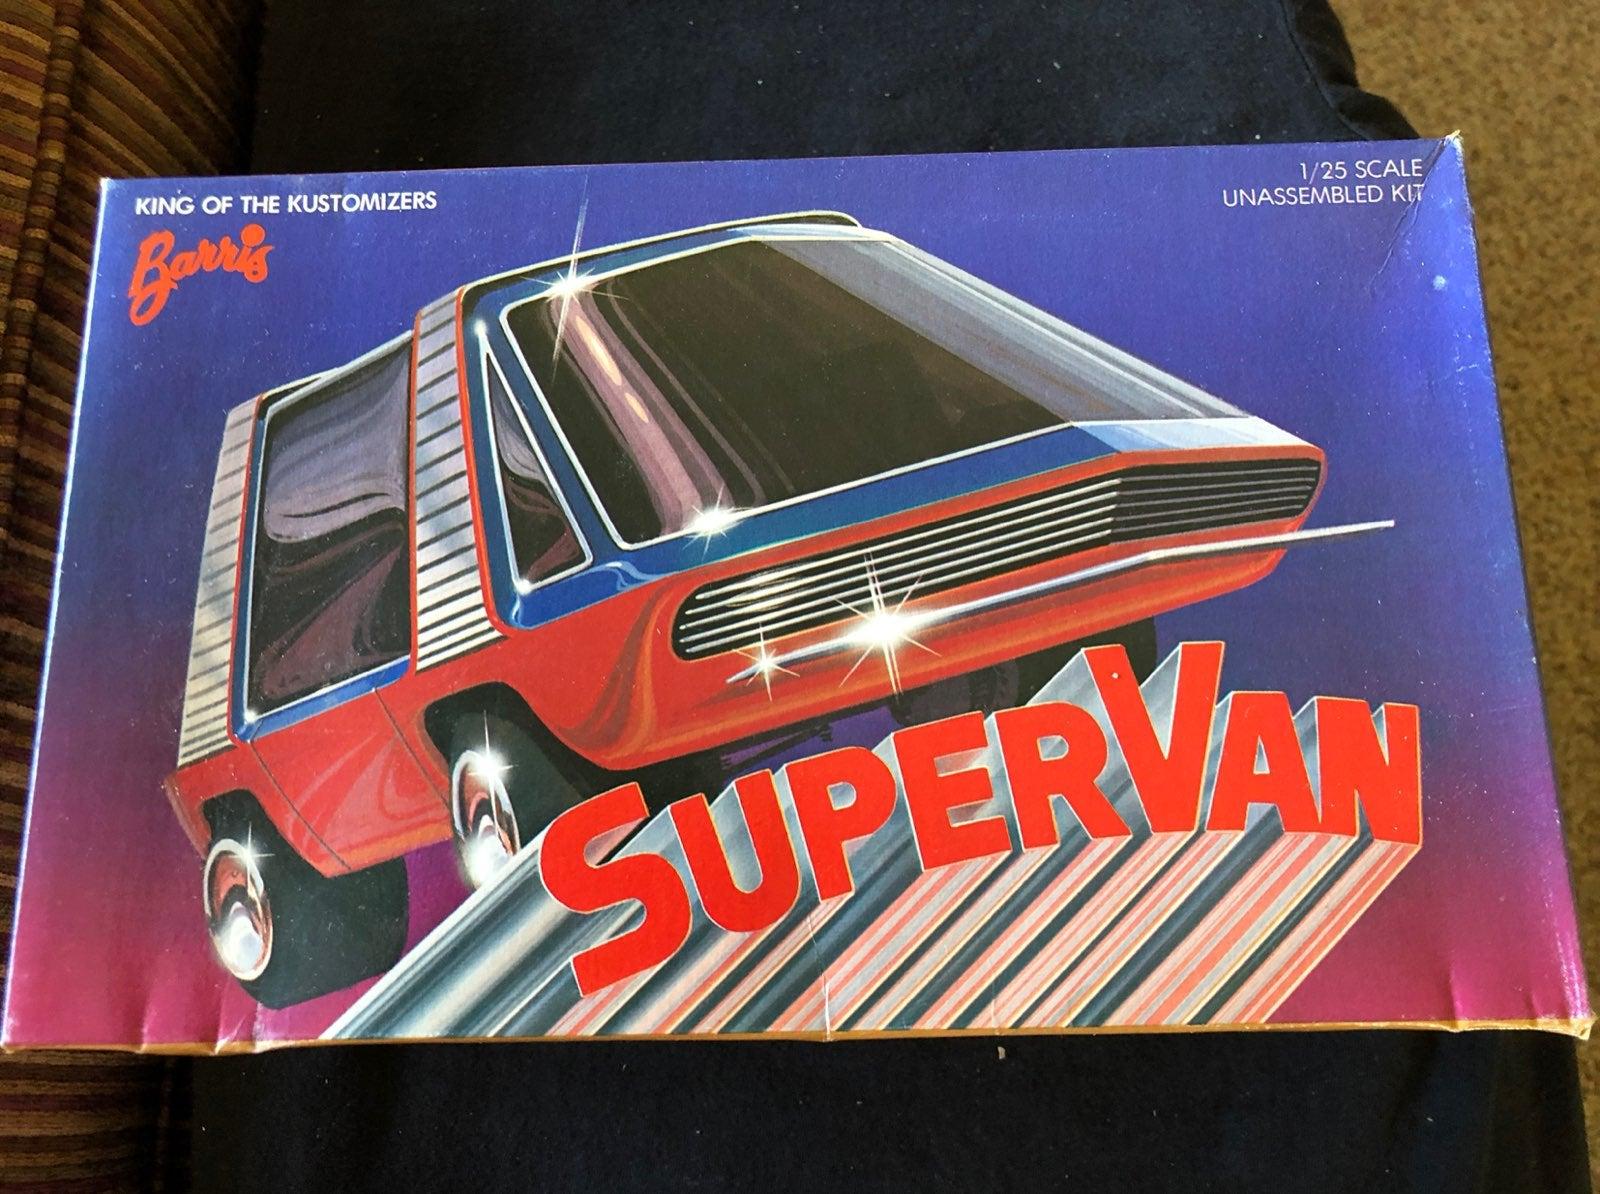 Hollywood Legends Super Van scale model kit cover